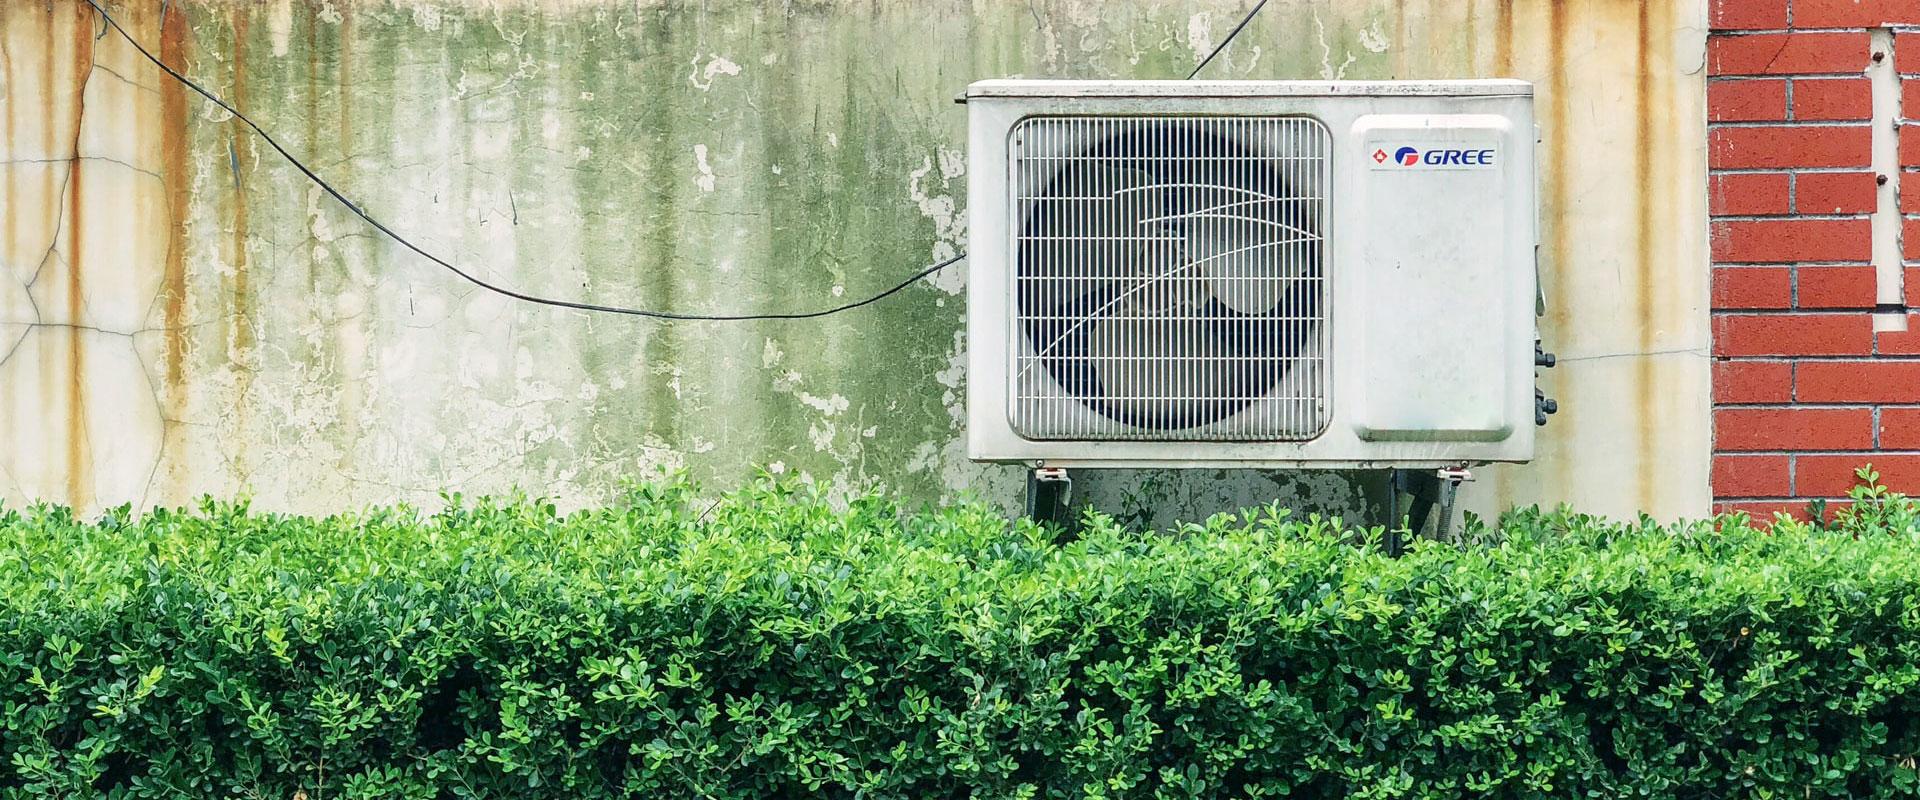 Bagaimana Cara Merawat AC Agar Tetap Dingin Dan Tahan Lama